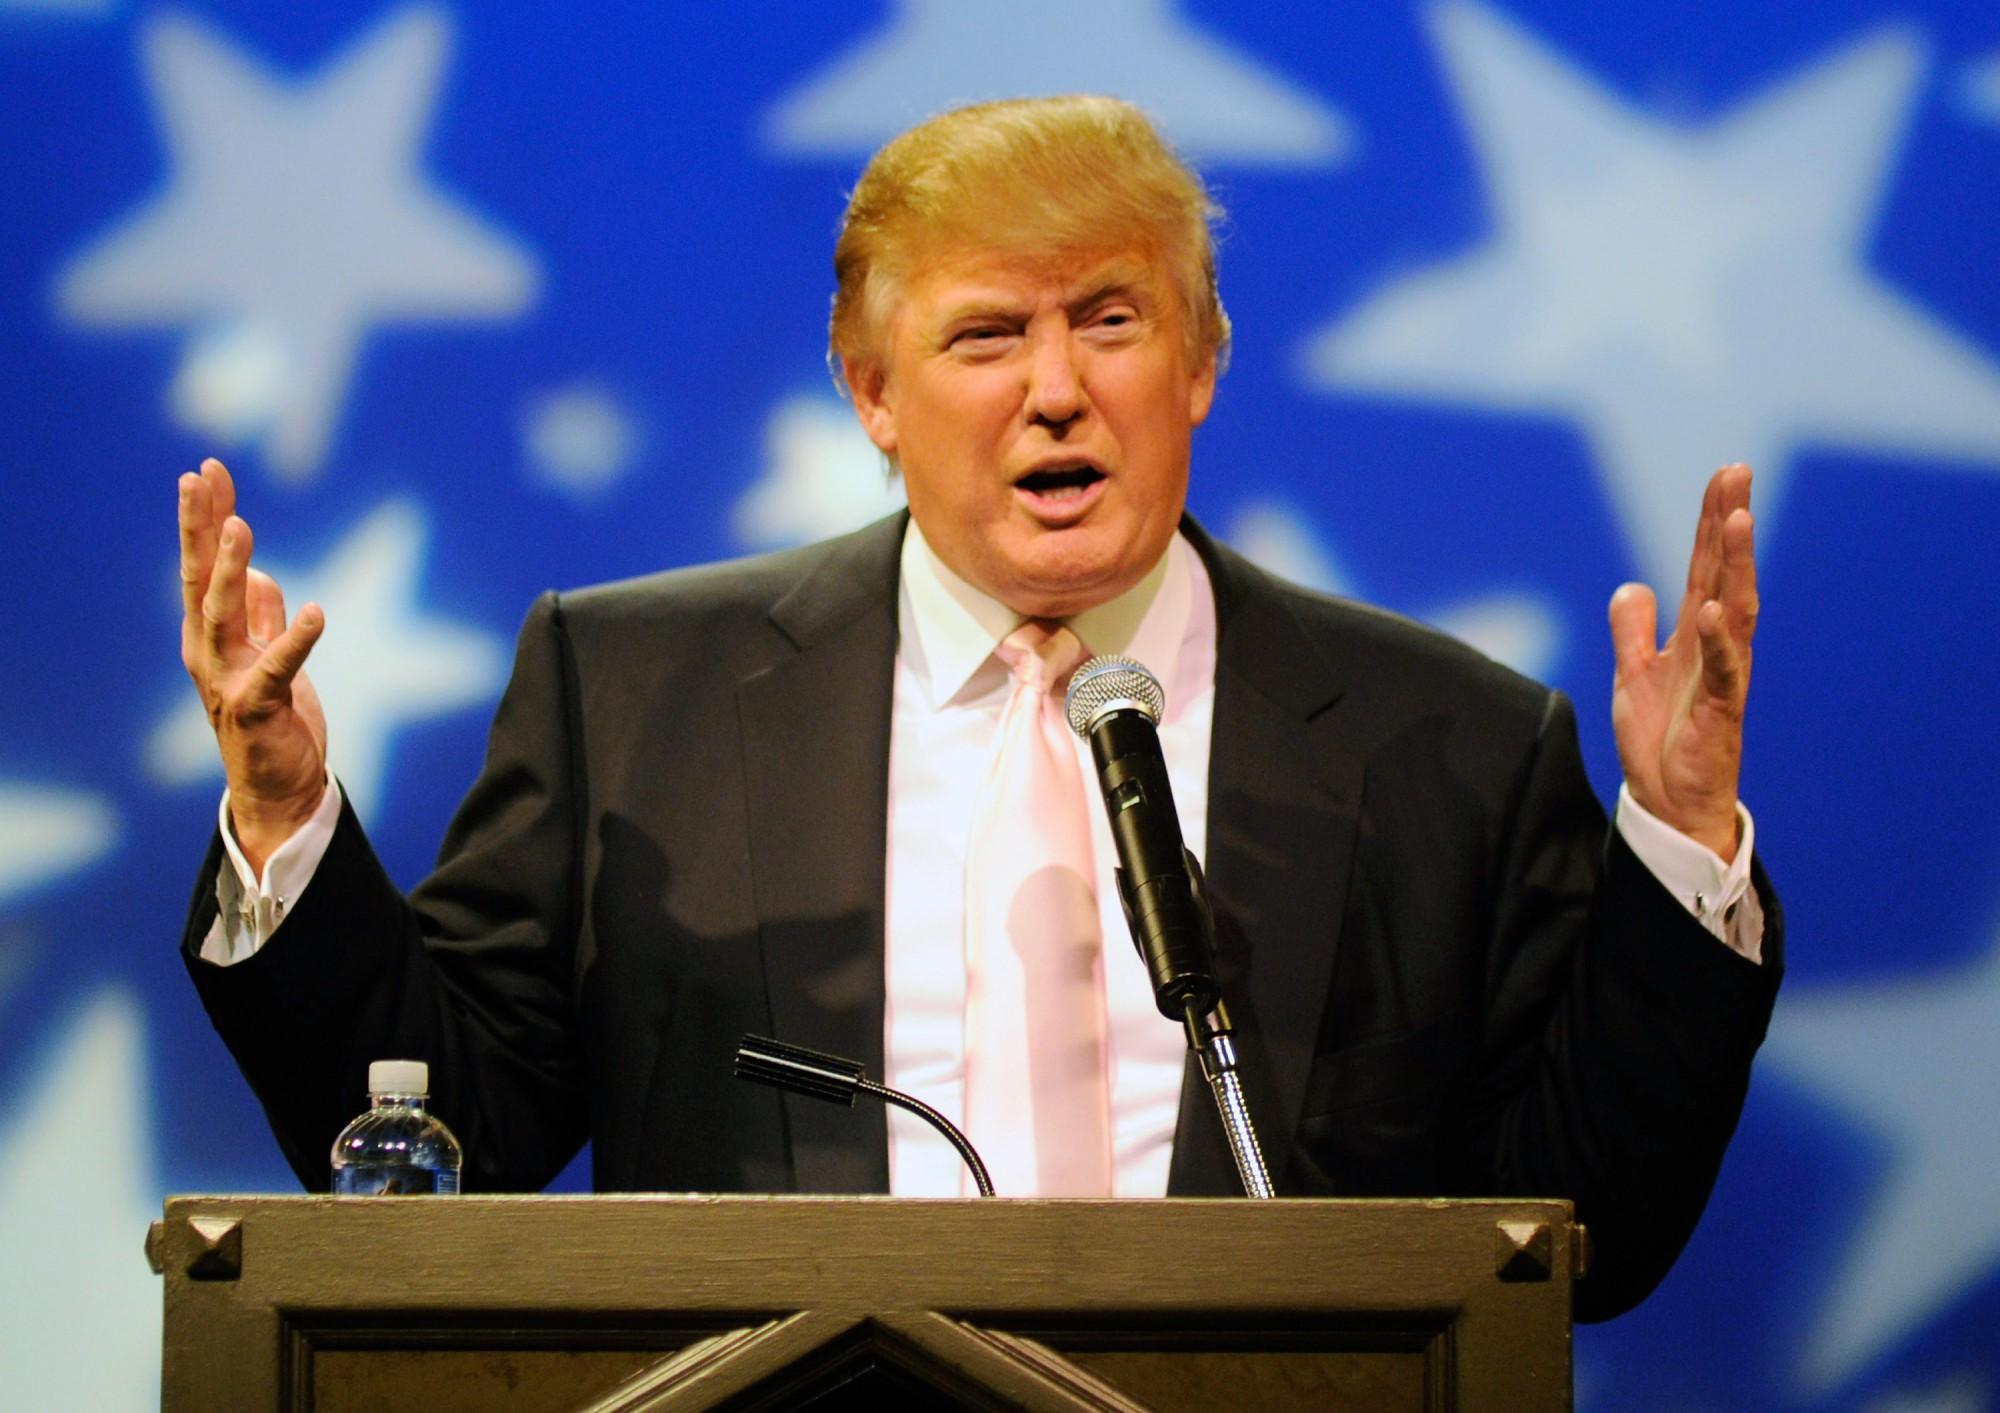 Пенс объявил, что Трамп предпримет «агрессивные шаги» поборьбе скибератаками